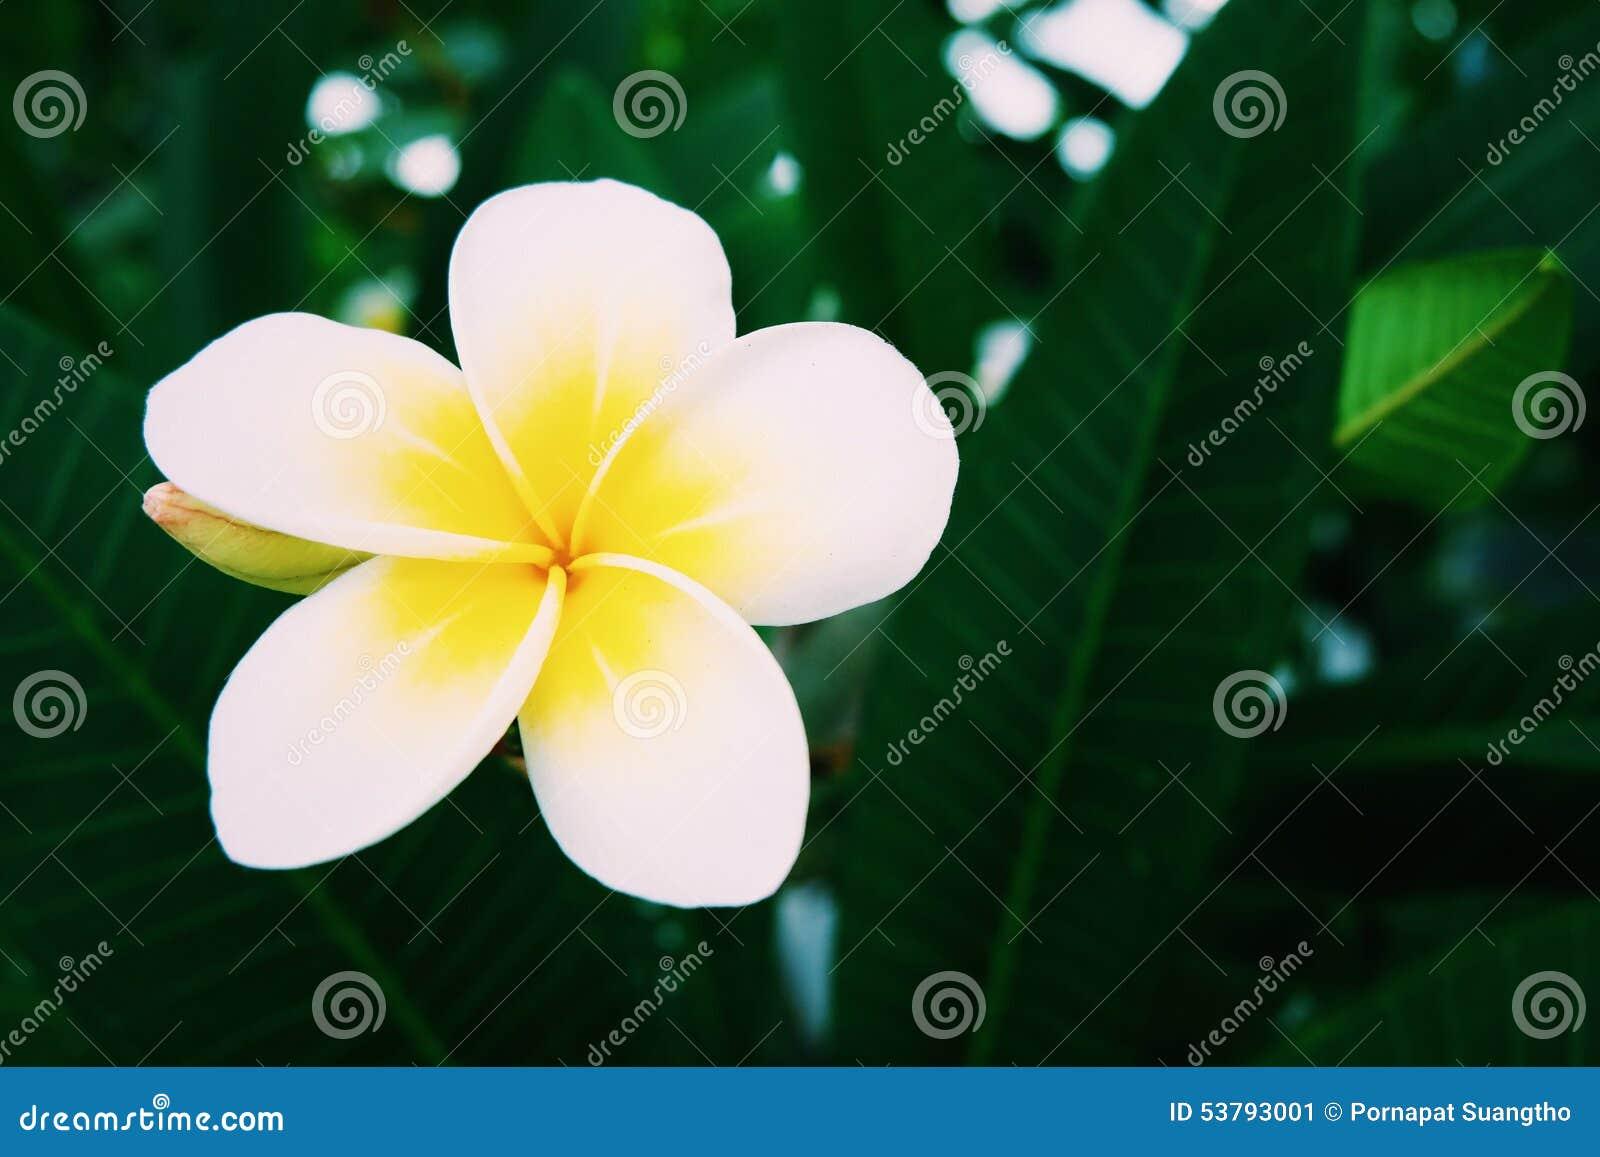 Tropikalny żółty kwiat